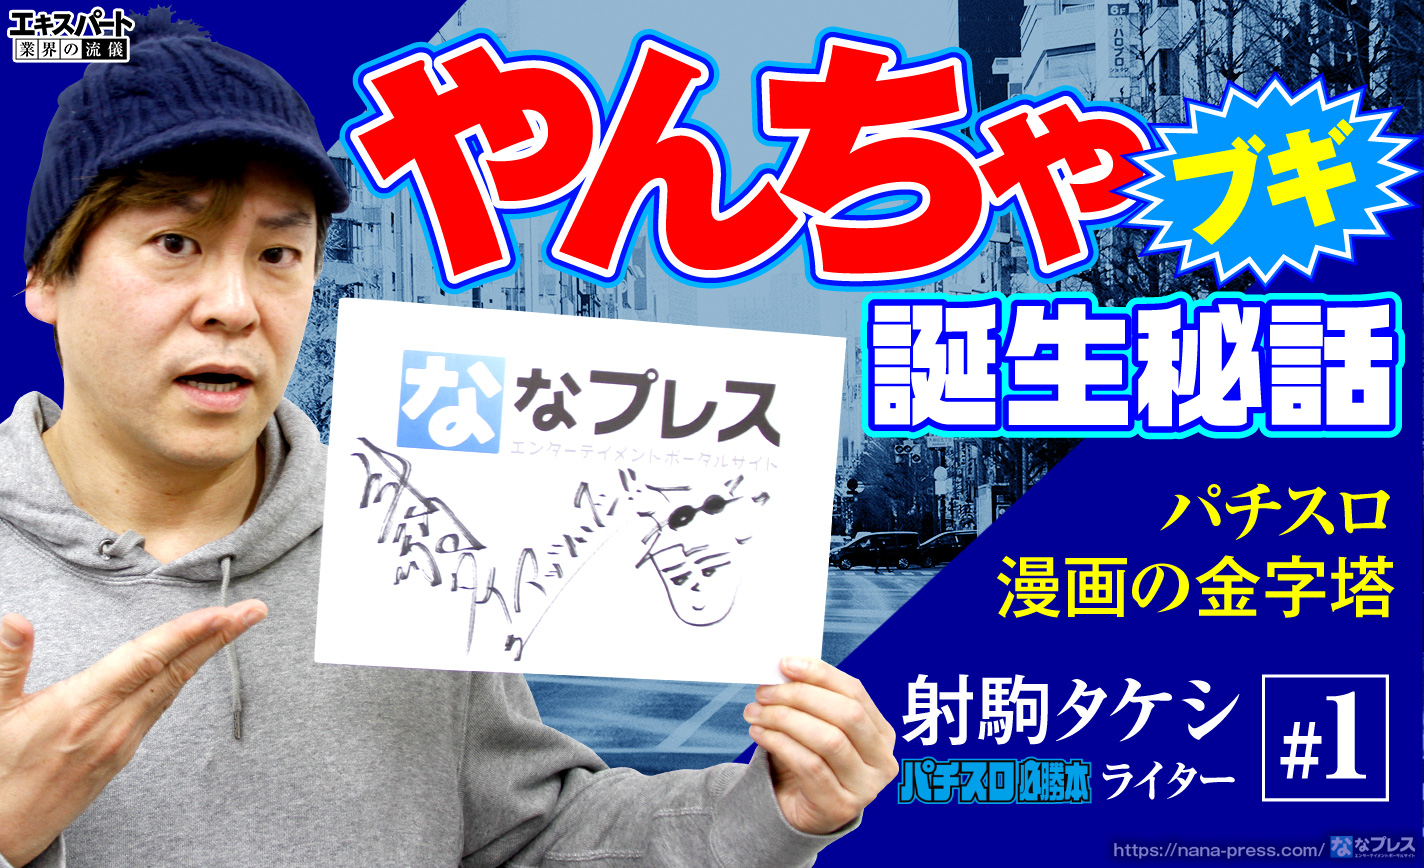 射駒タケシが語る「やんちゃブギ」誕生秘話!廃刊危機からの逆転劇とは?